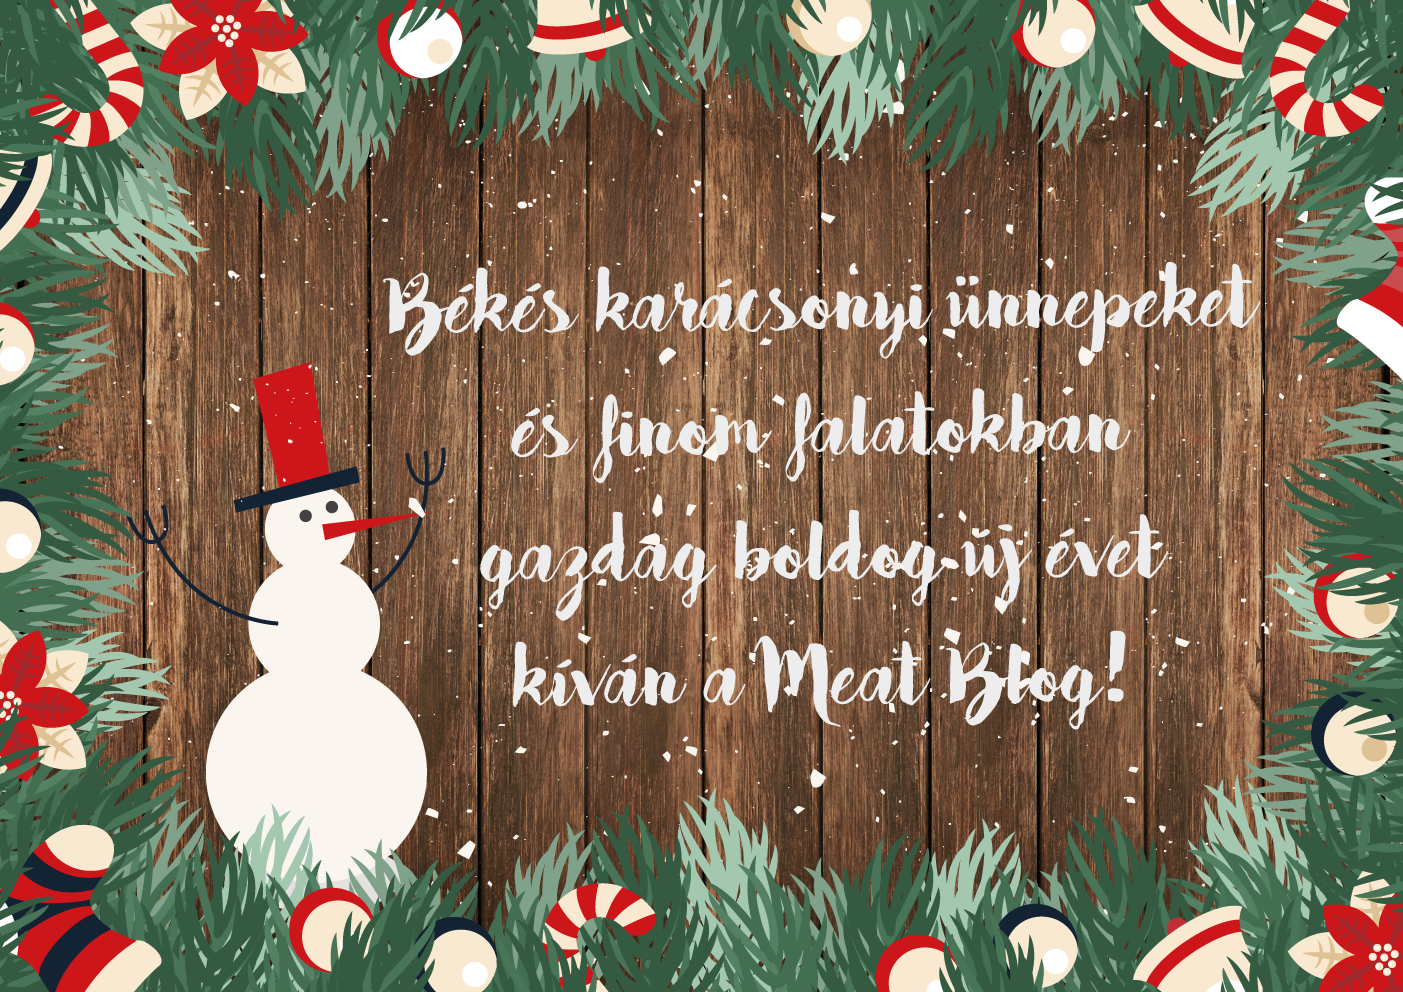 blogkari.png